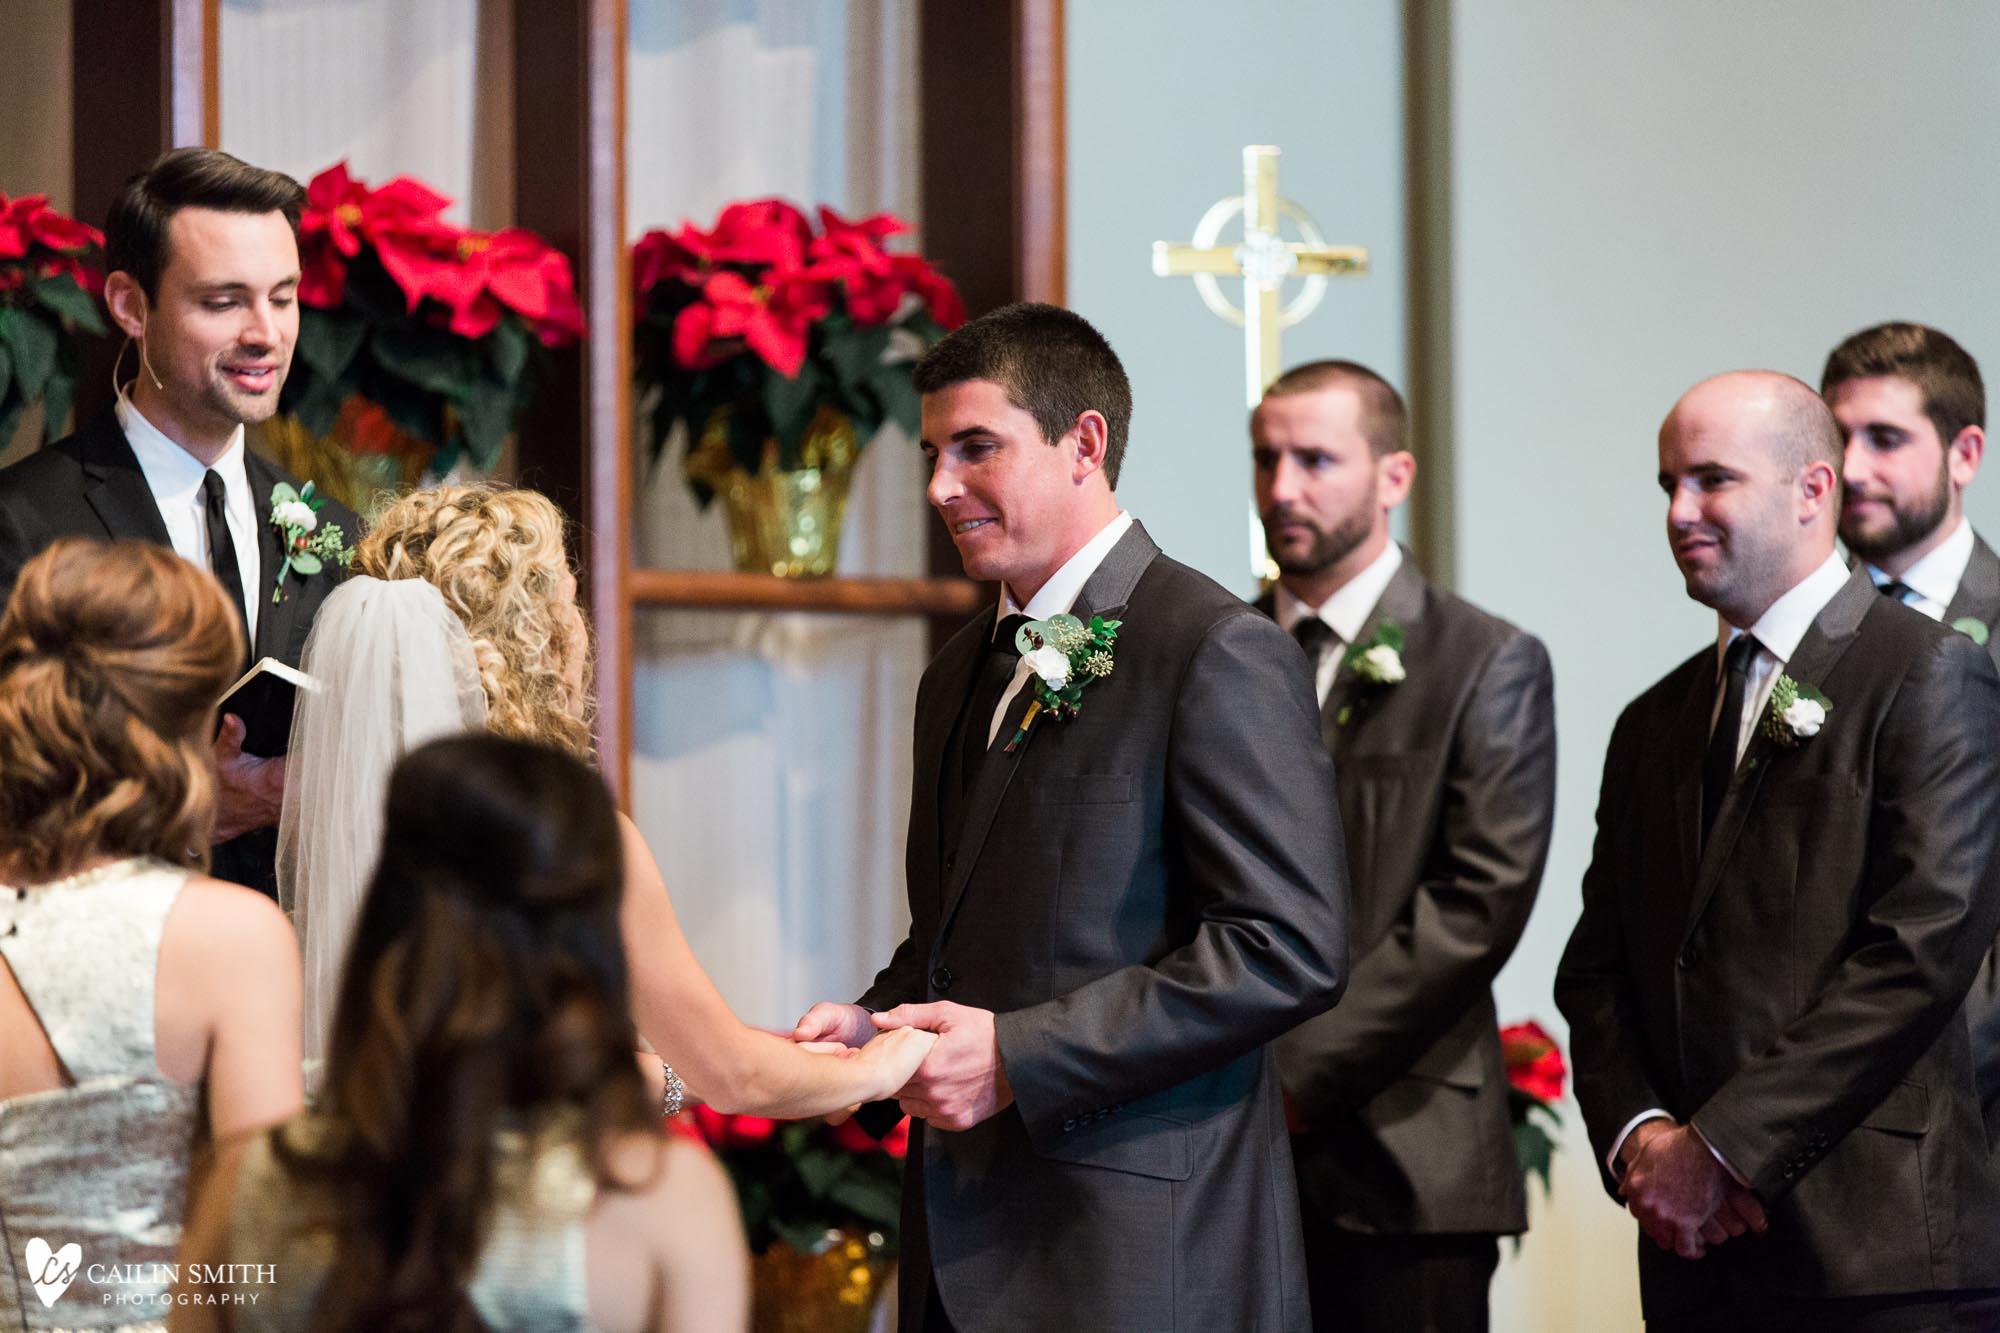 Leah_Major_St_Marys_Wedding_Photography_078.jpg